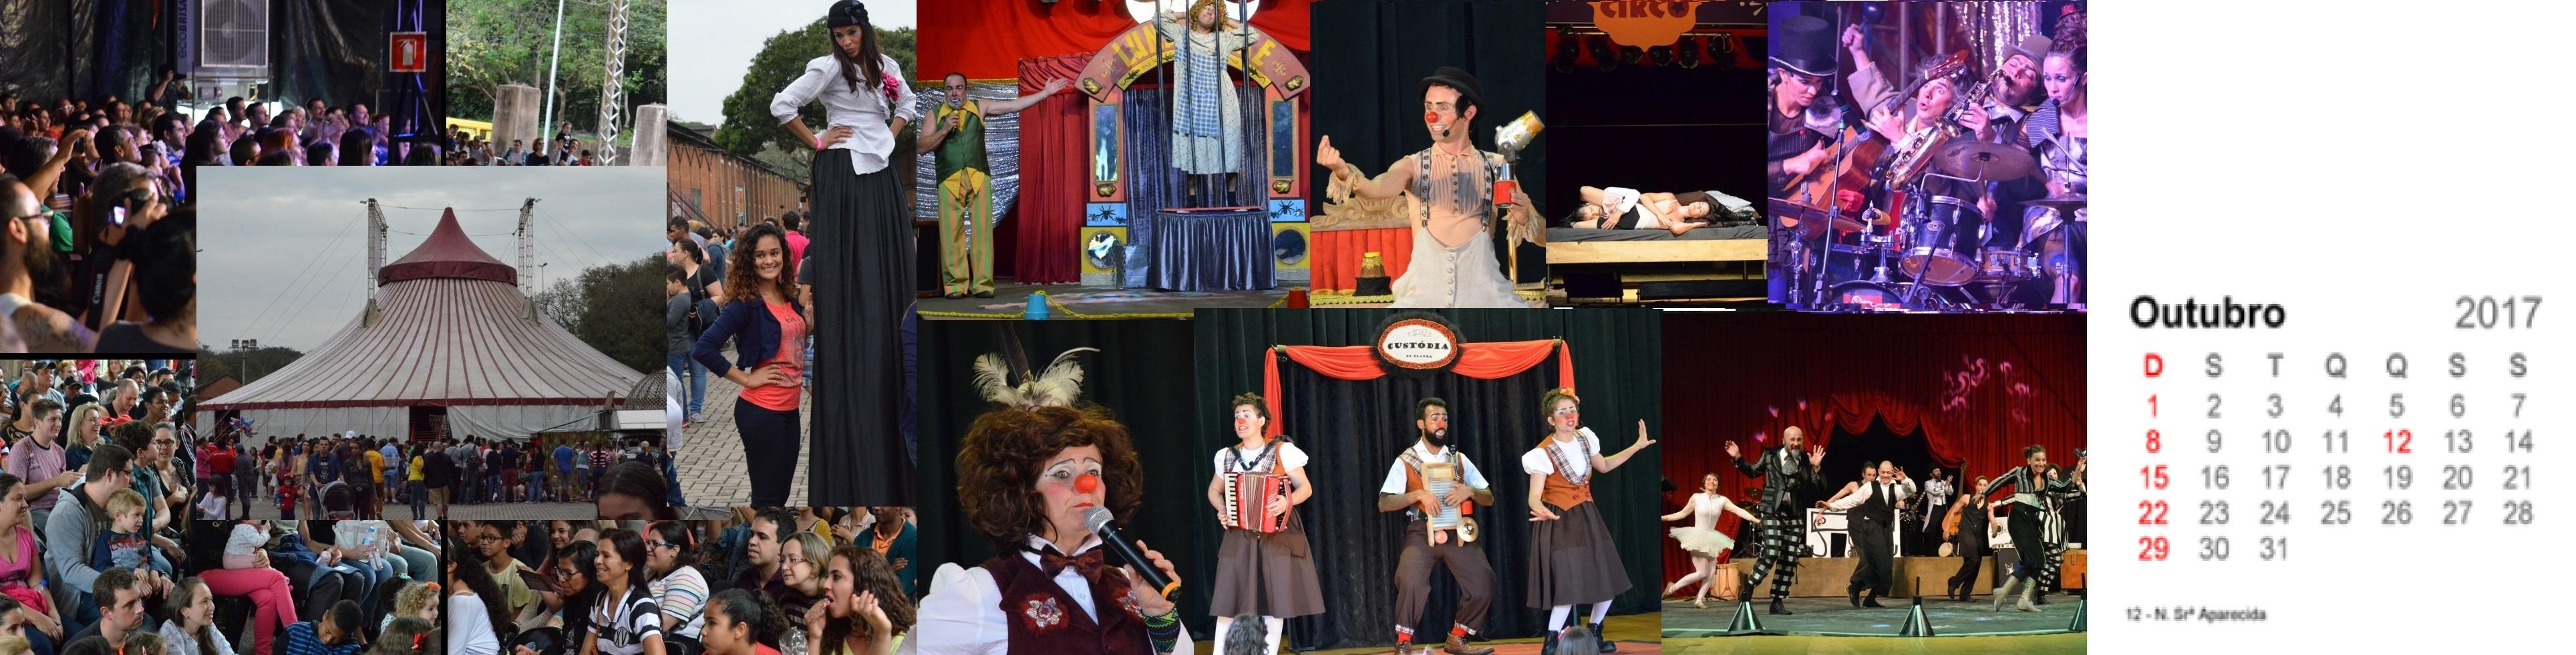 Outubro - Mais de 45 mil pessoas prestigiam o Festival de Circo de Piracicaba (SP)